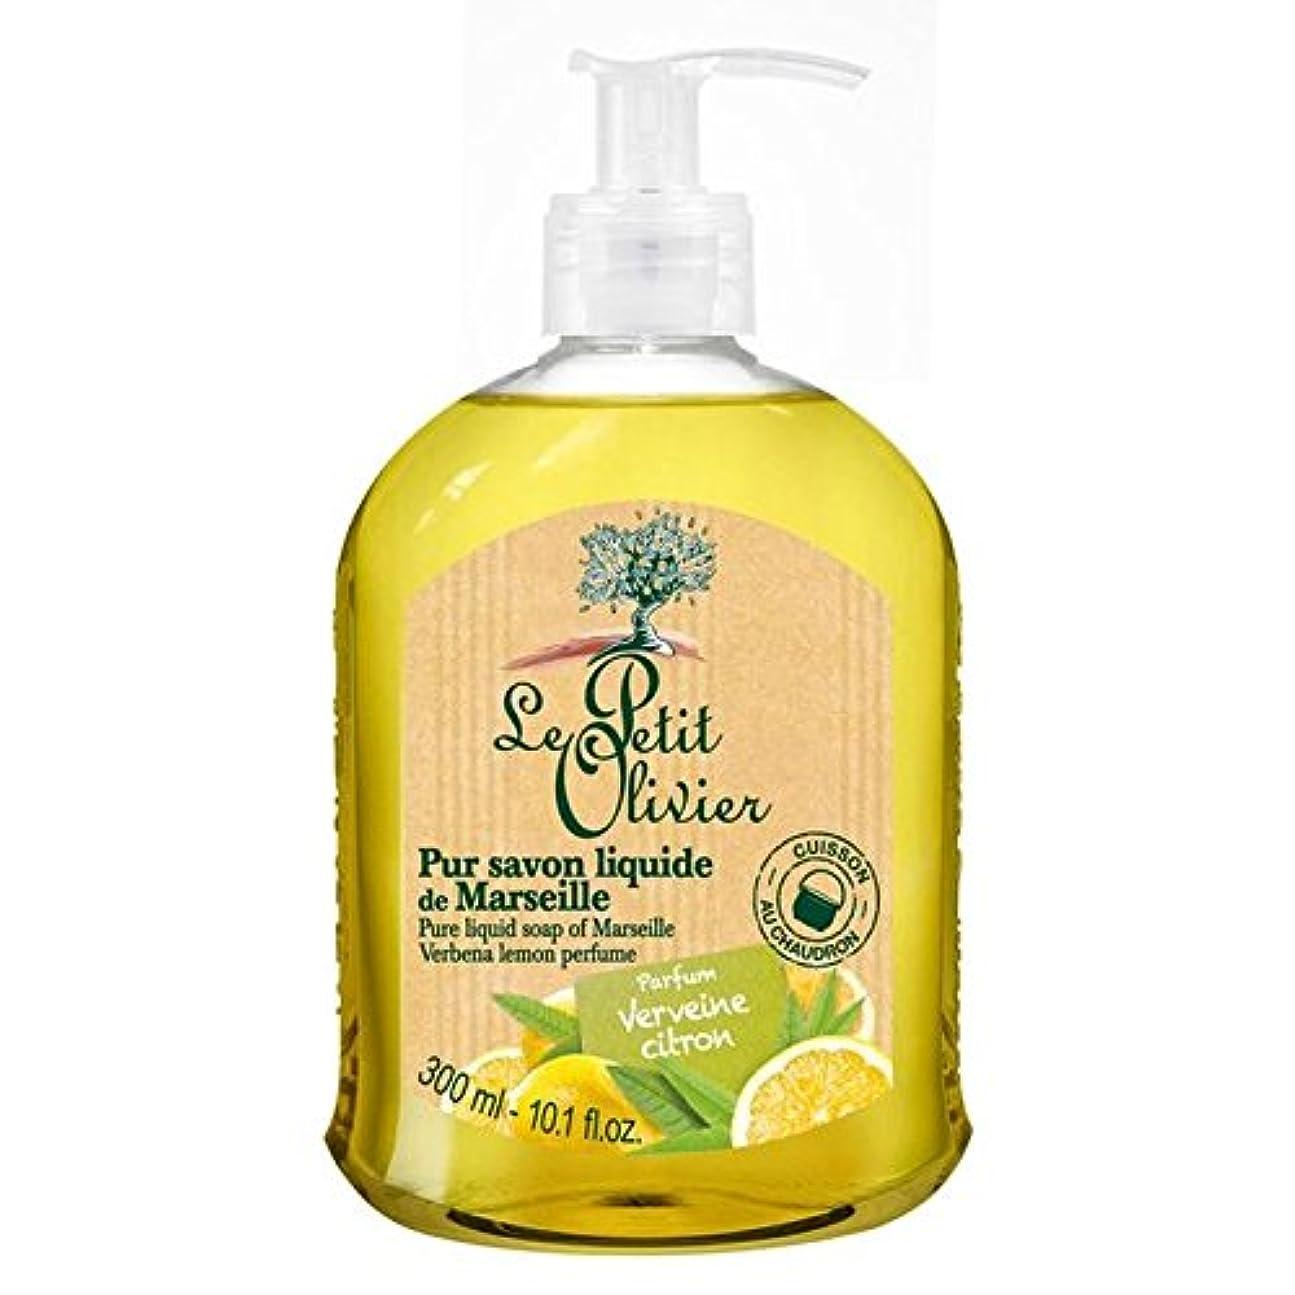 コンクリート脊椎ストッキングLe Petit Olivier Pure Liquid Soap of Marseille, Verbena Lemon 300ml - マルセイユのル?プティ?オリヴィエ純粋な液体石鹸、バーベナレモン300ミリリットル...